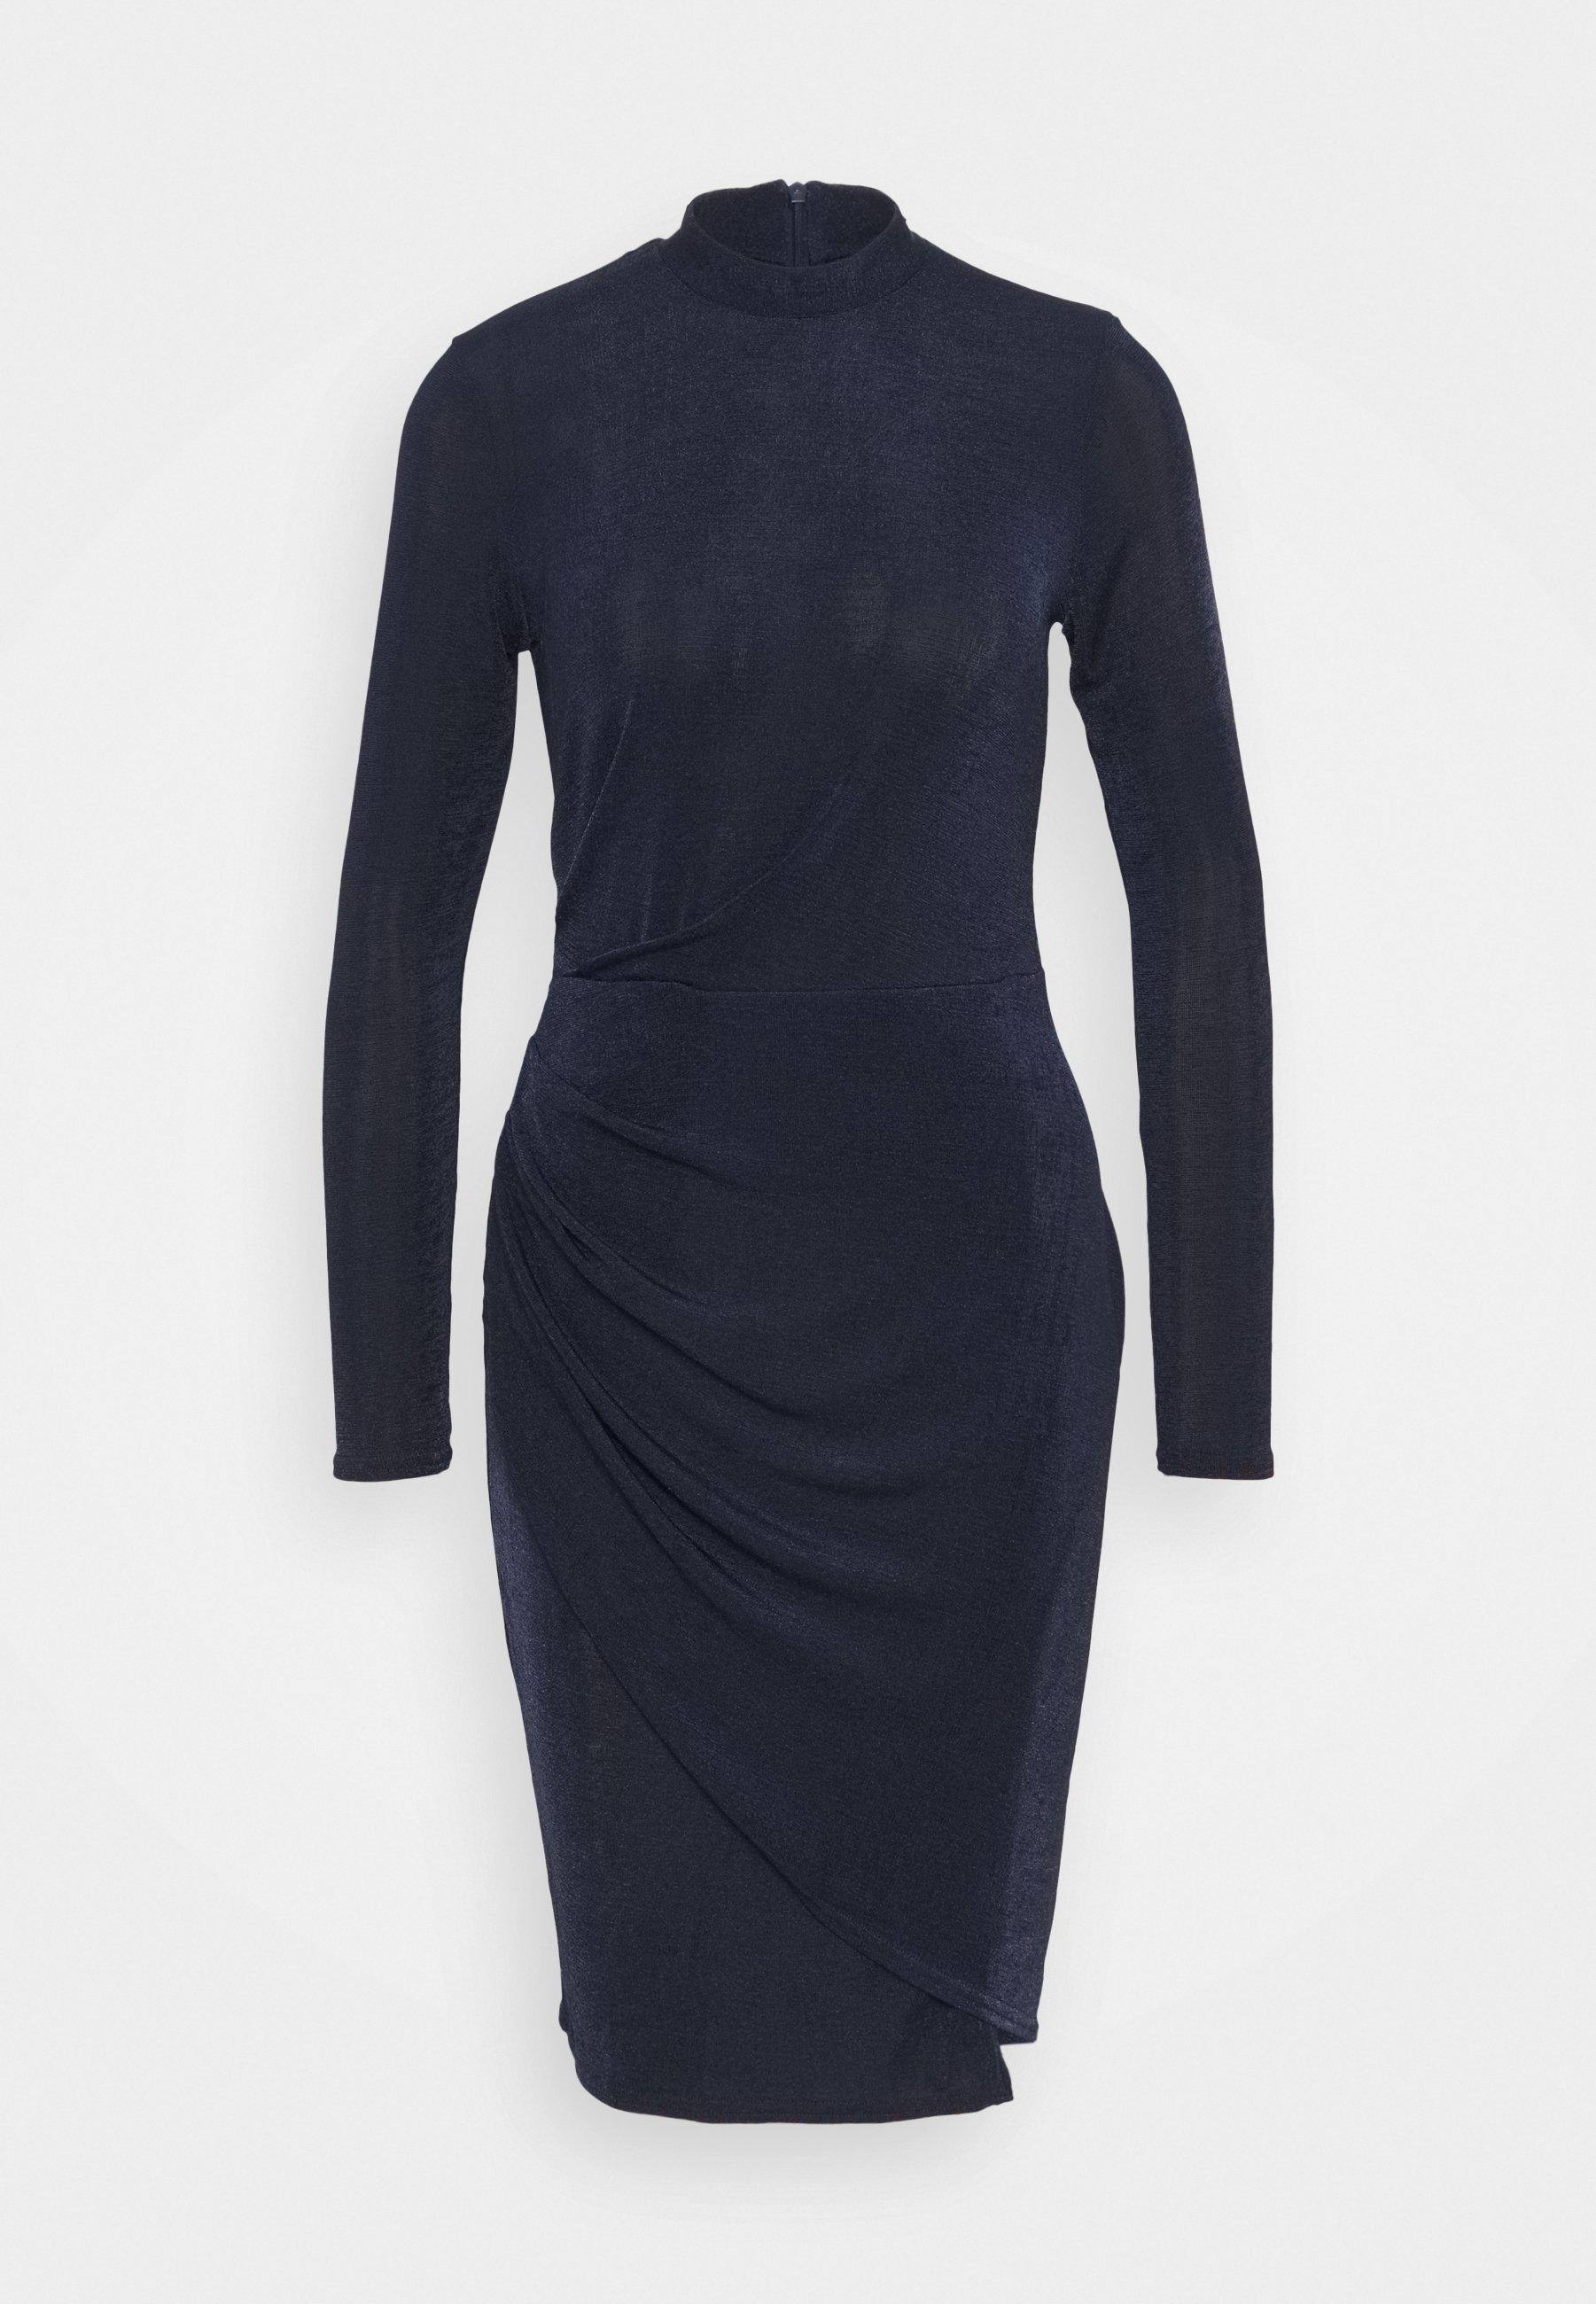 Women CLOSET HIGH NECK PENCIL DRESS - Jersey dress